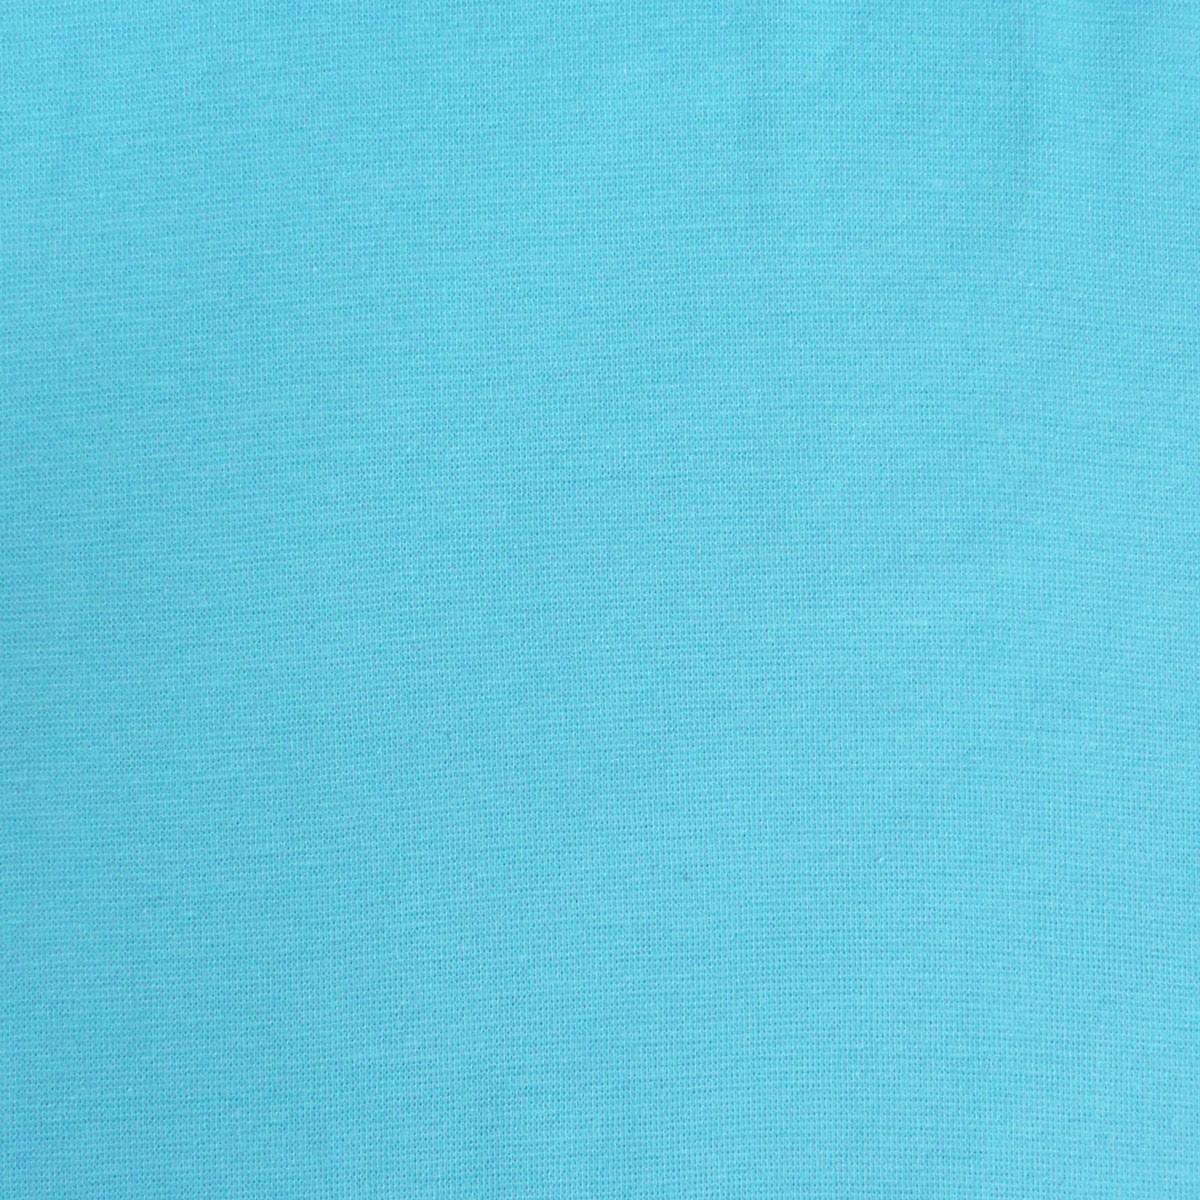 Kreativstoff Strickschlauch Bündchenstoff fein türkis 37cm Breite